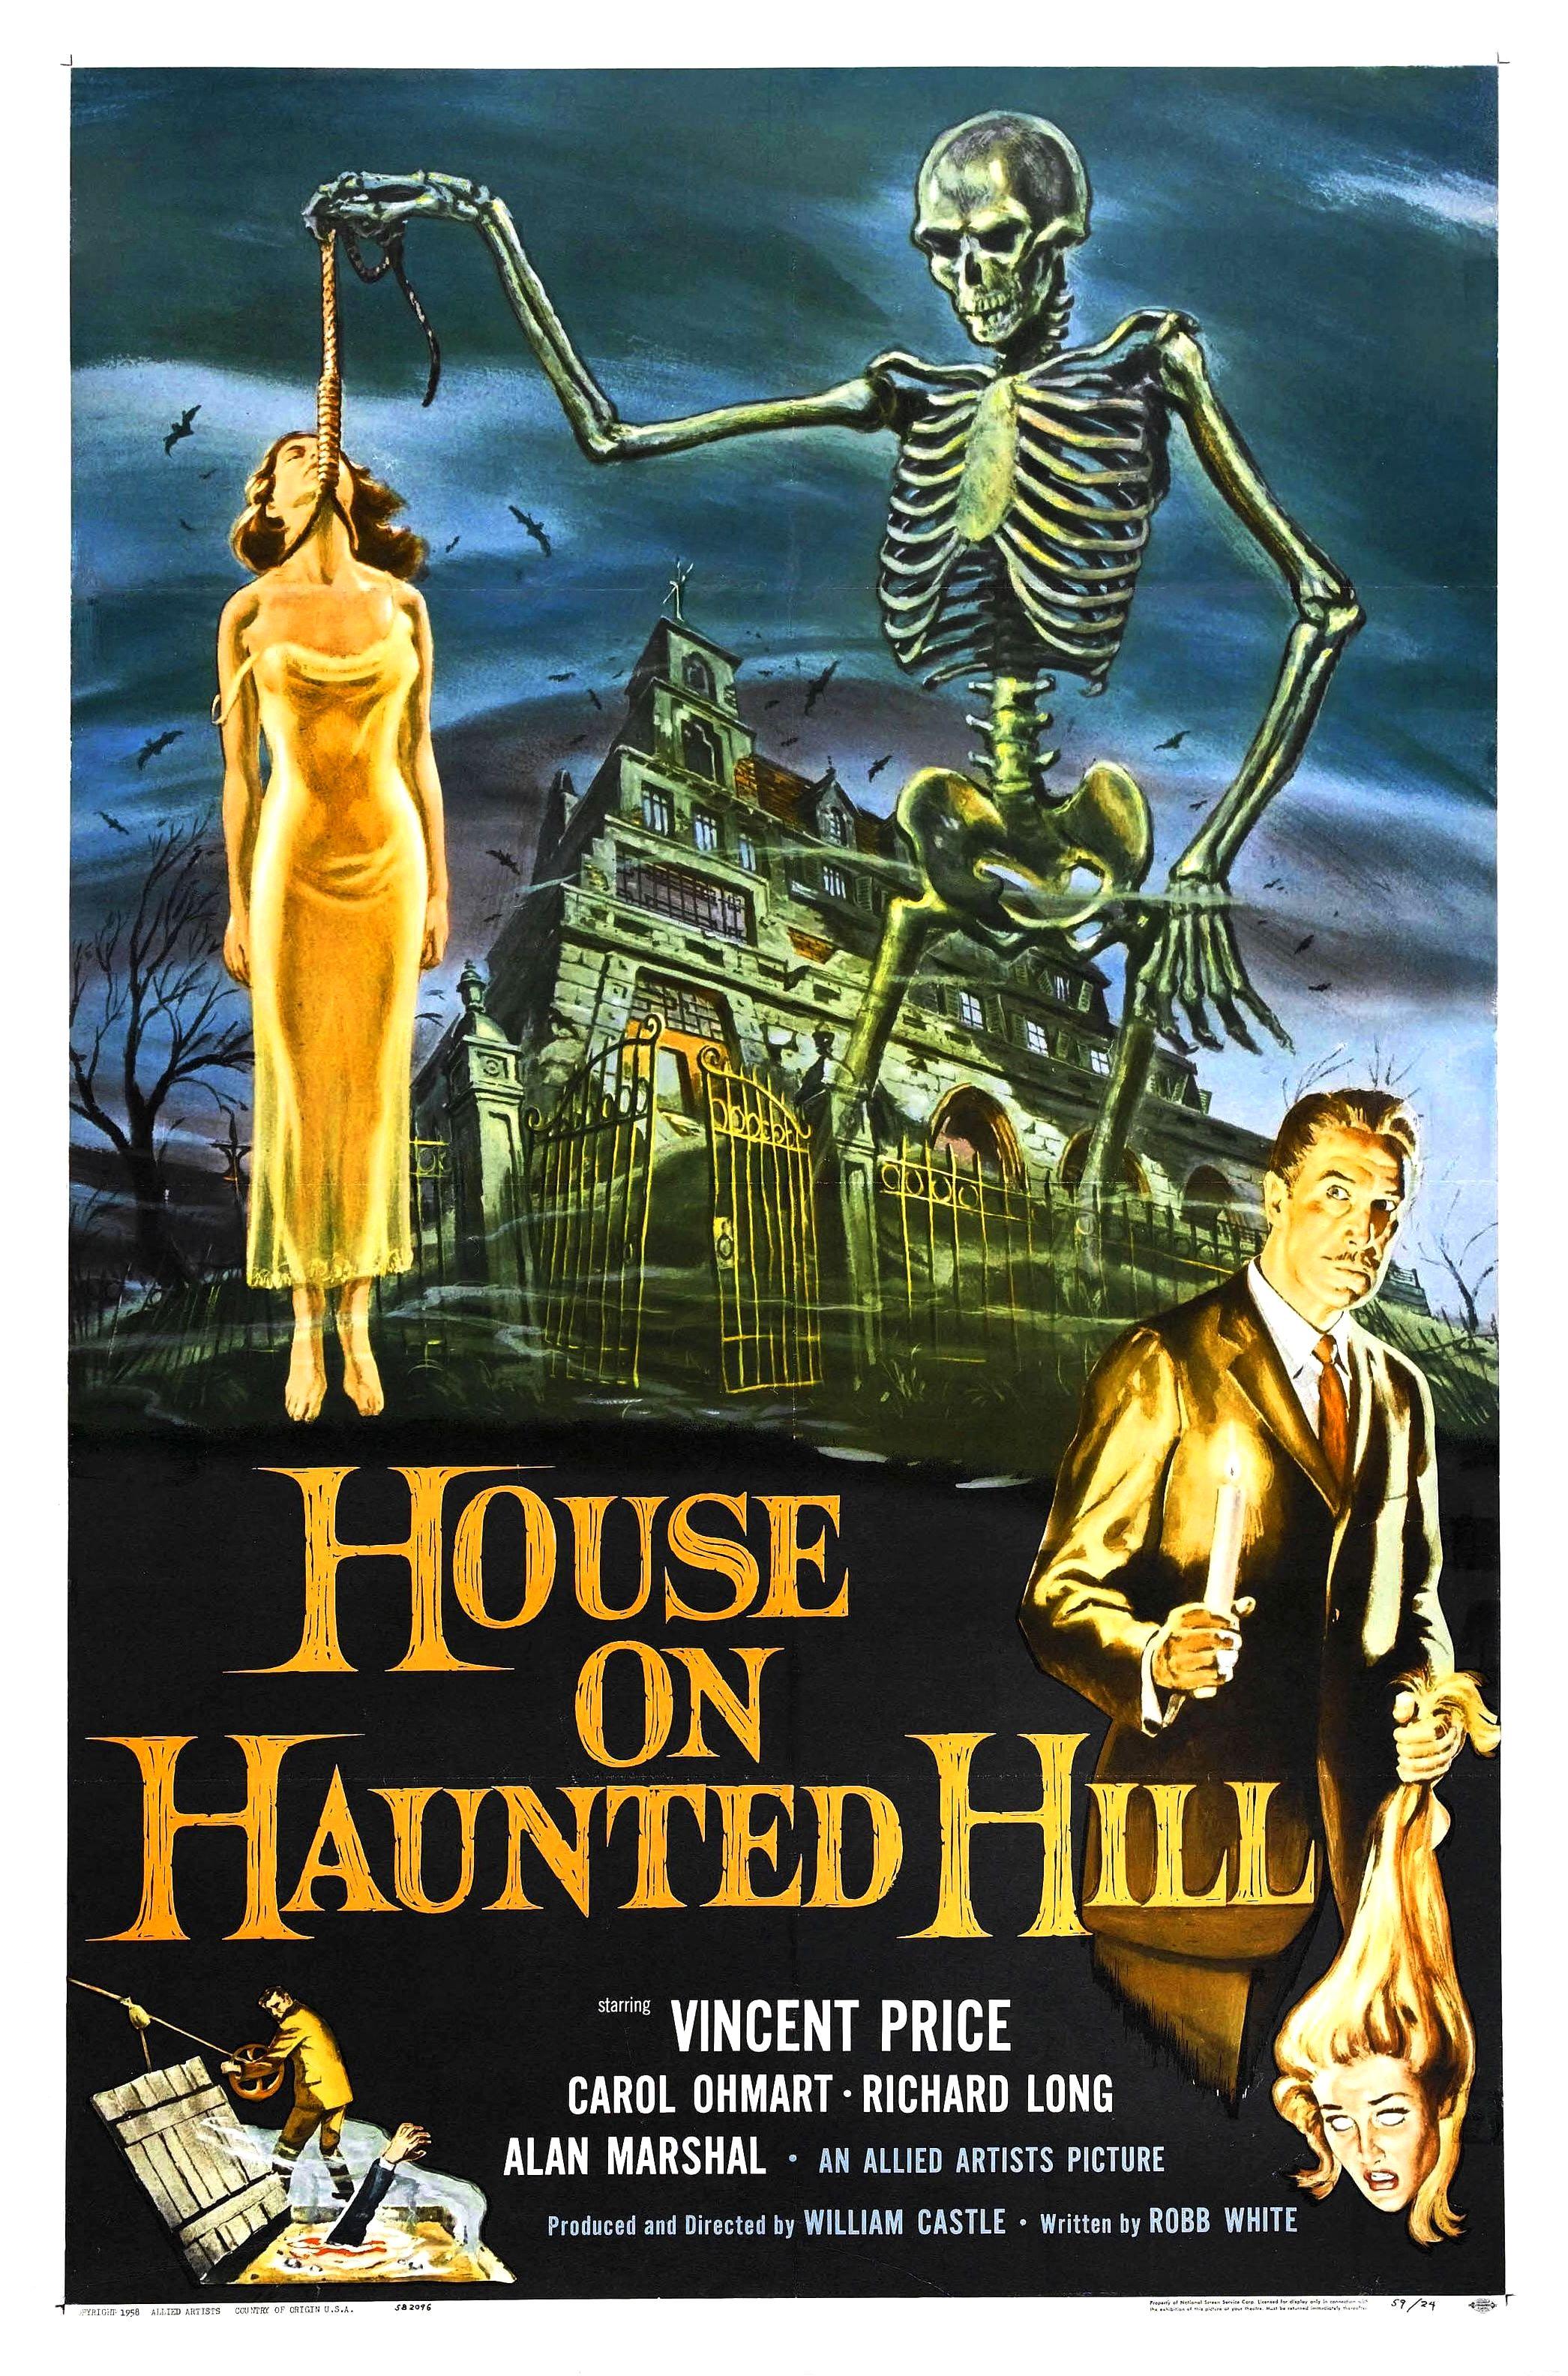 хорроры привидения фильмы страшное кино ужастики сияние шестое чувство звонок призрак оперы призраки на холме дом с привидениями отвратительные мужики история кино материалы